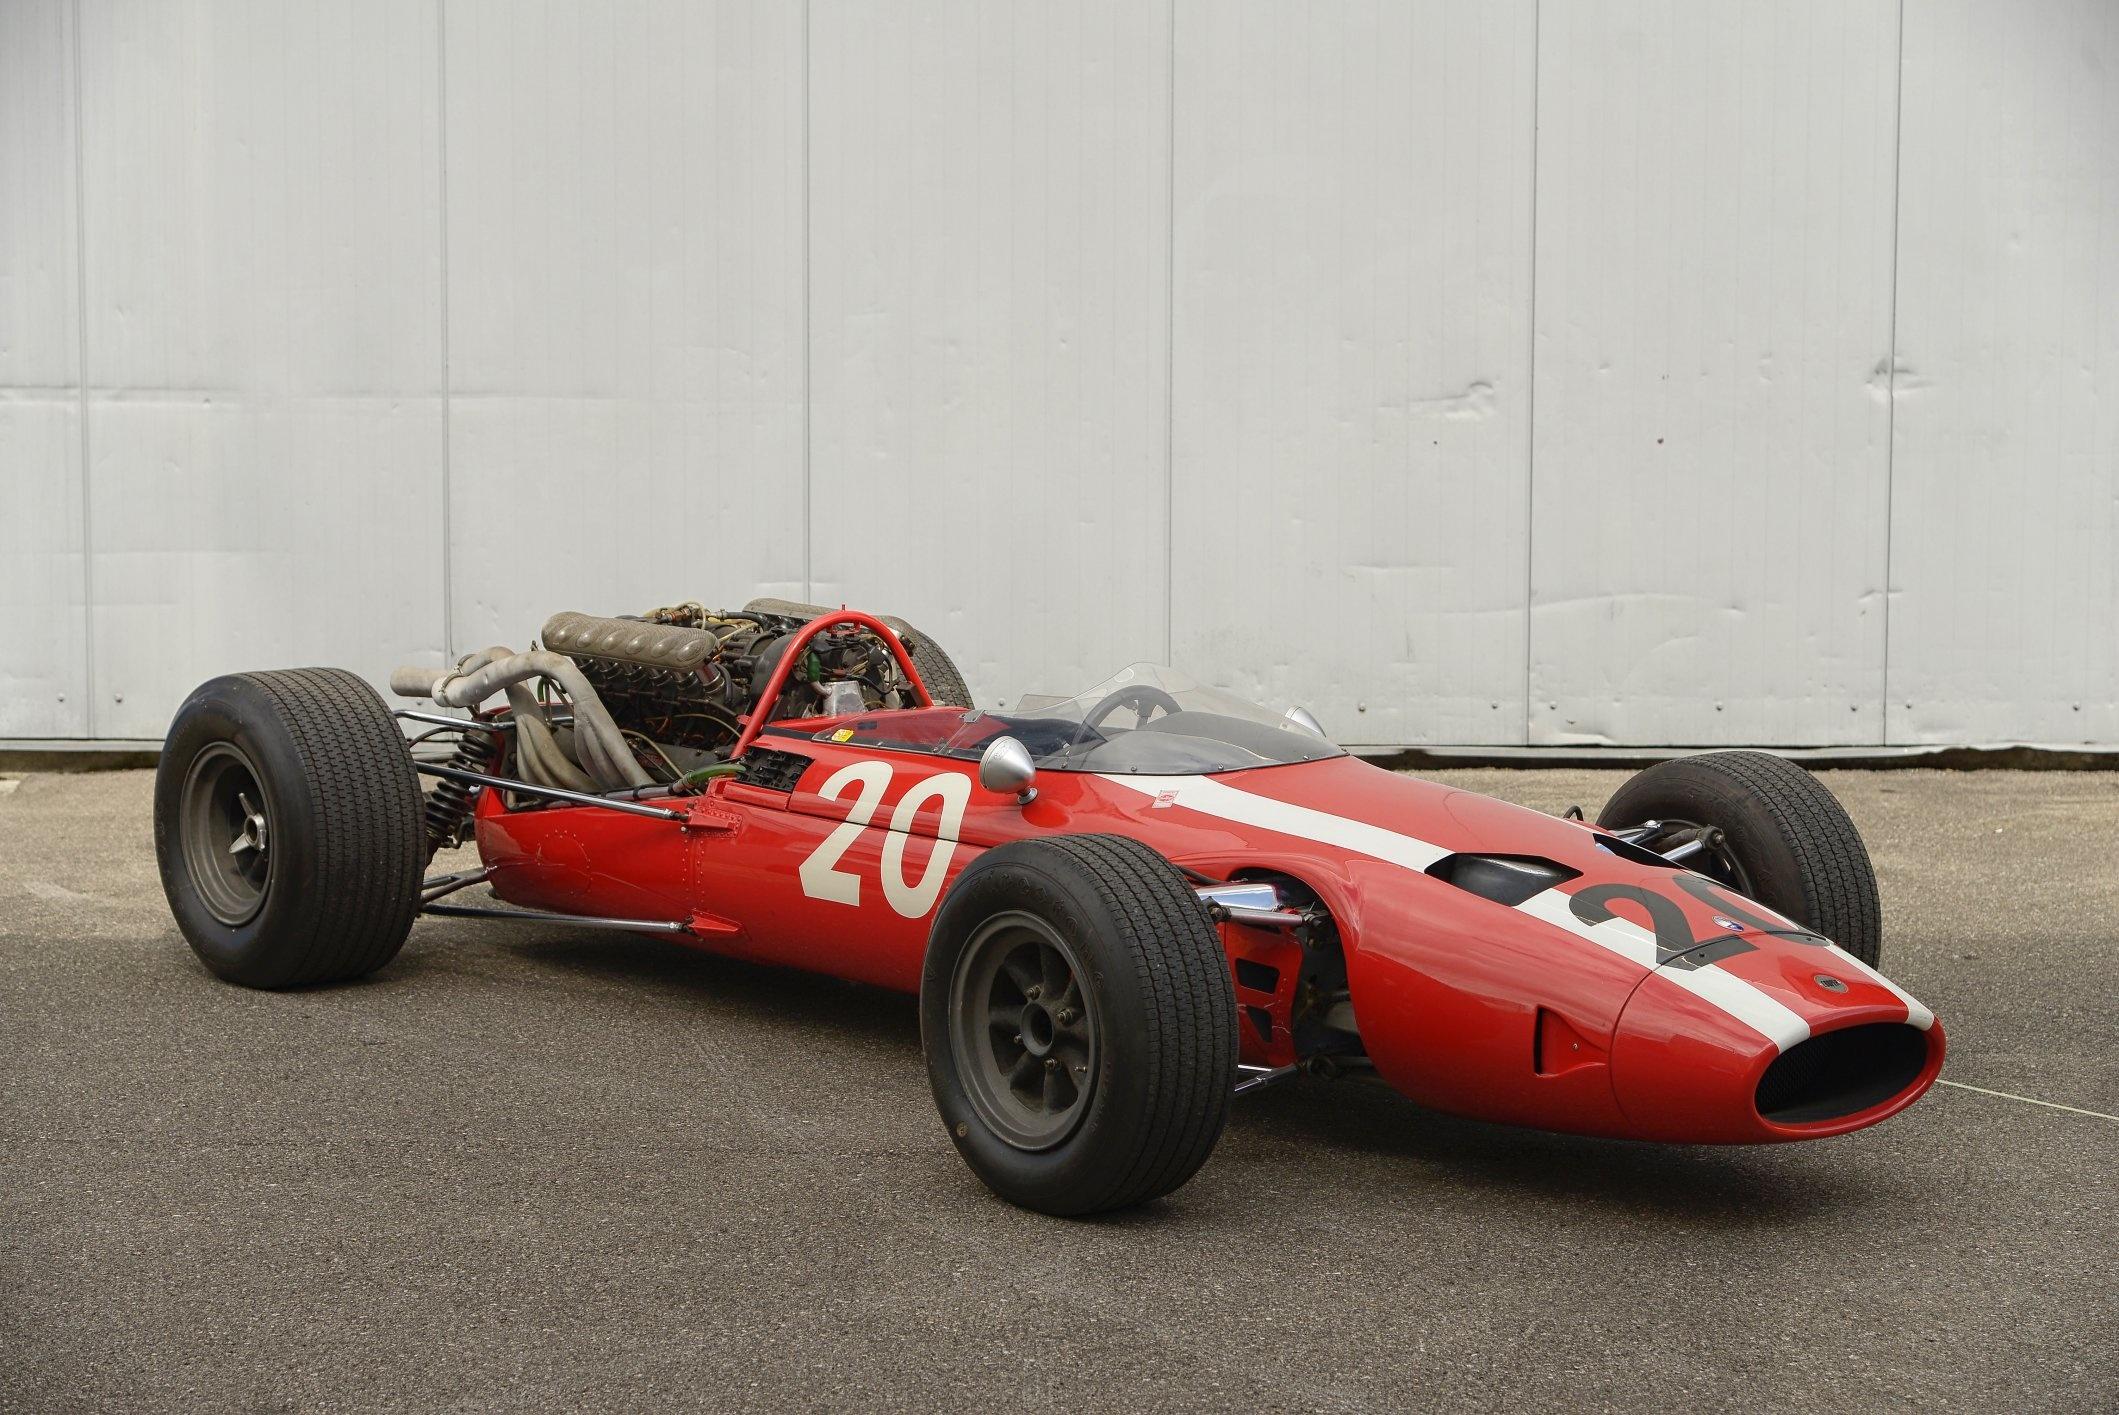 Ferrari F1 Revealed for Bonhams Single Owner.. | superyachts.com